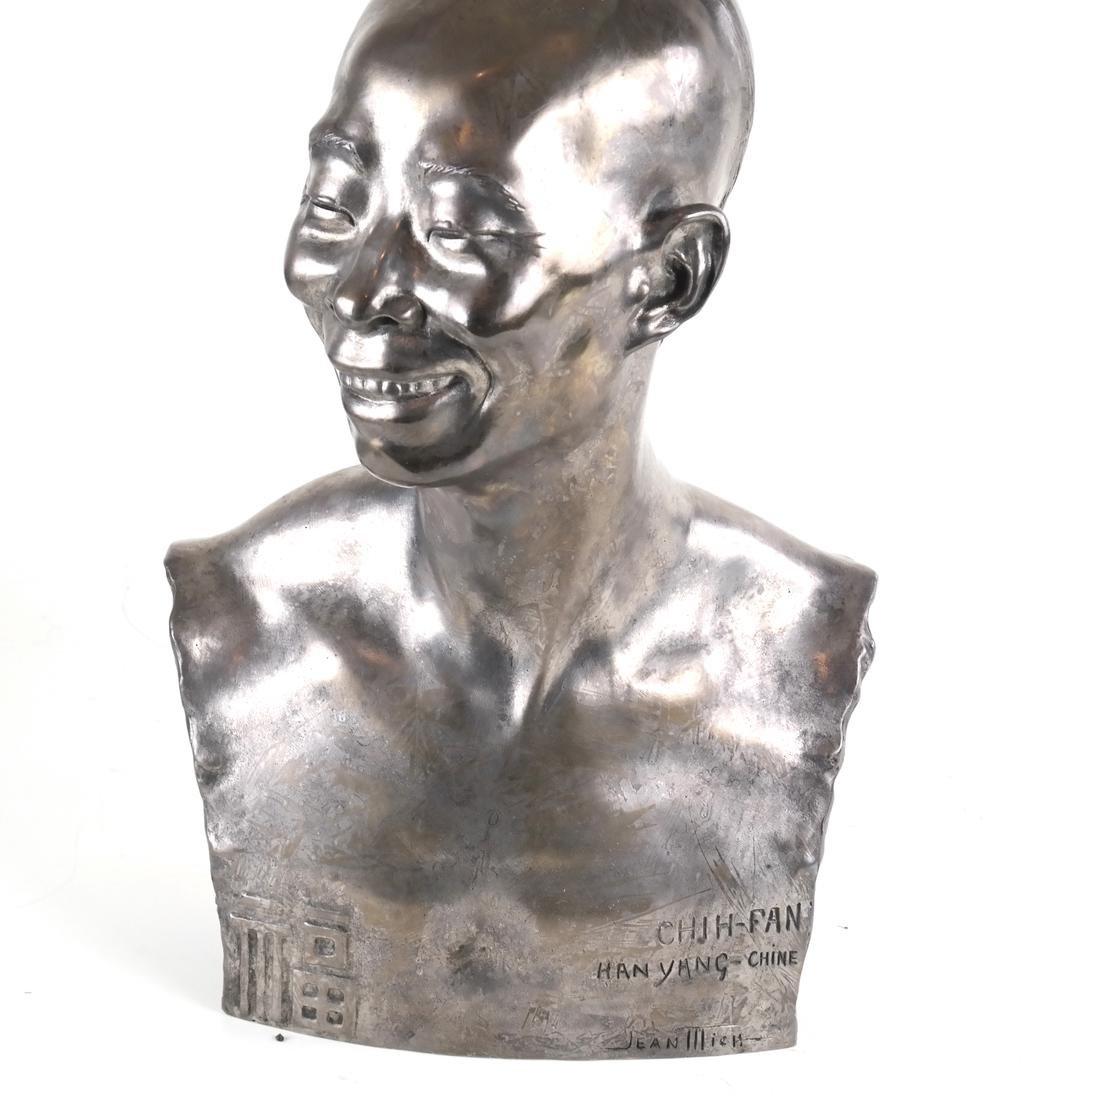 Chih-Fan Bronze Sculpture by Jean Mich - 3